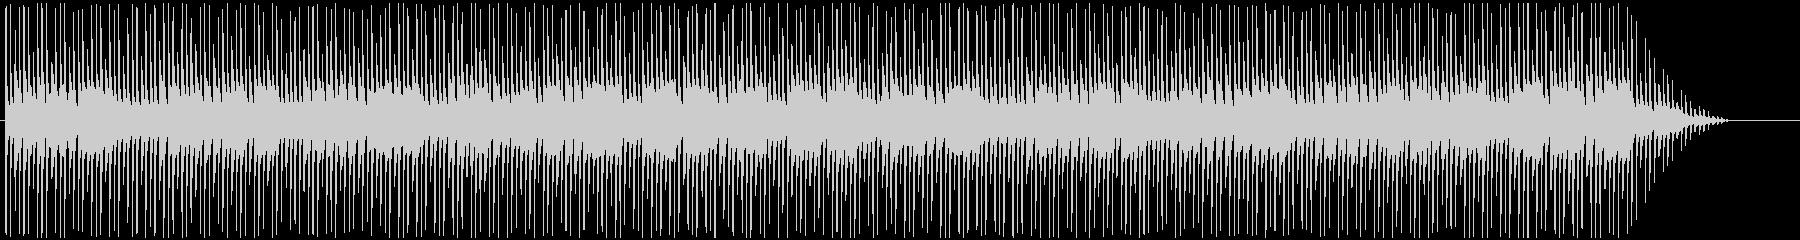 ファミコン風BGM、Actシューティングの未再生の波形